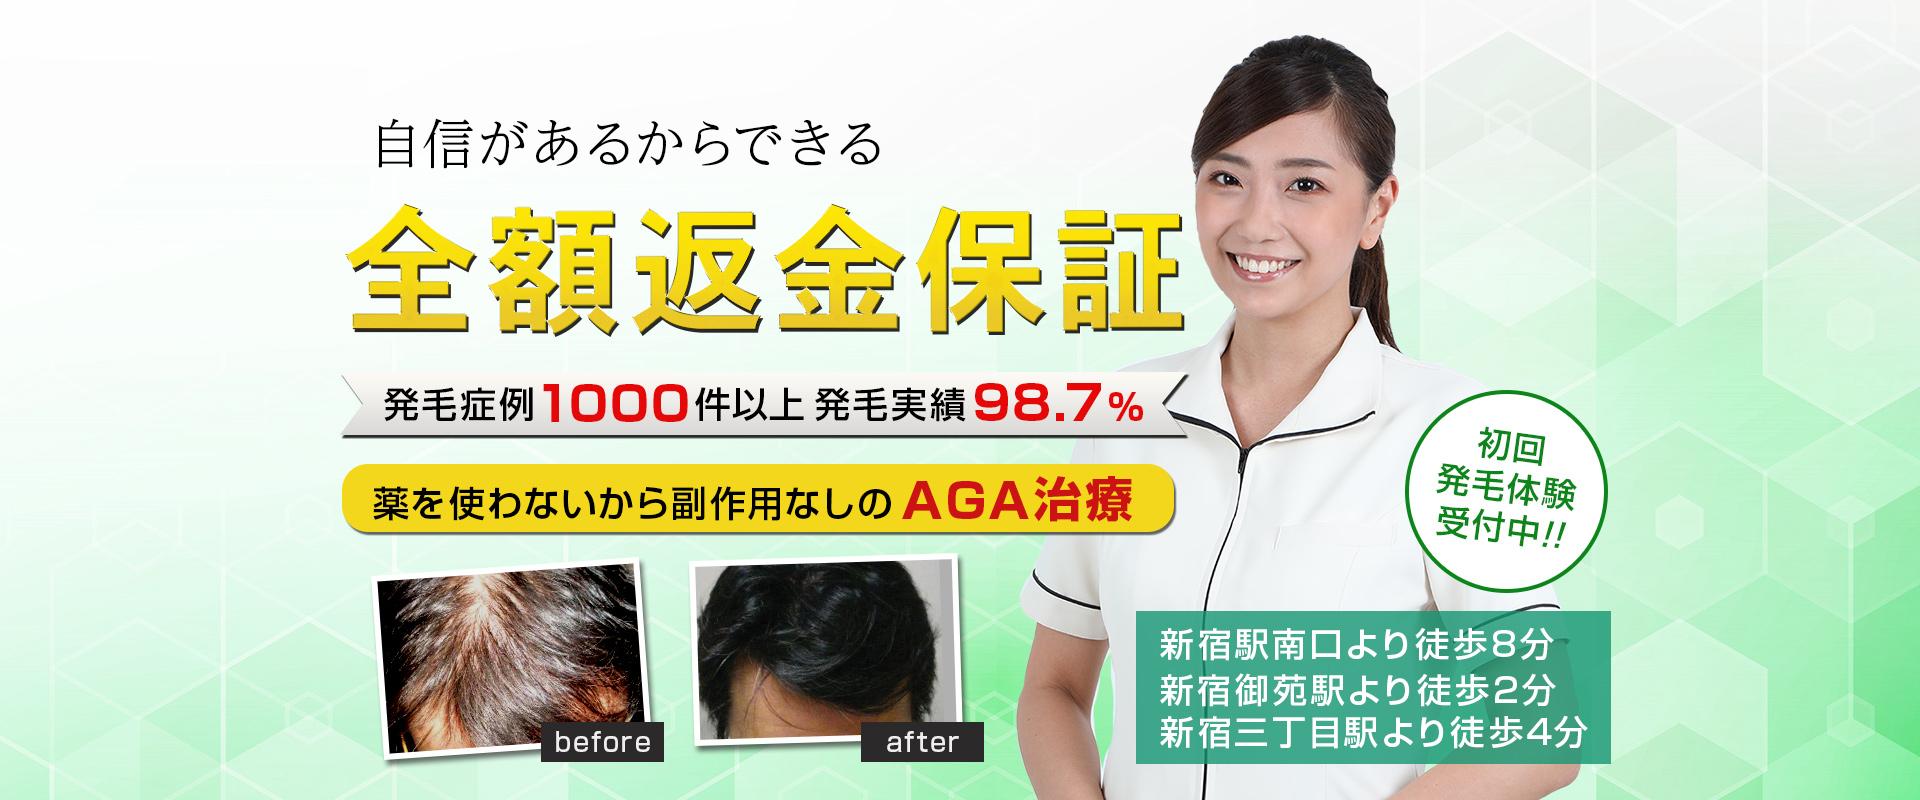 驚異的スピード 3ヶ月育毛! 発毛実績98.7% 最先端発毛治療 薄毛・抜け毛 髪で悩む時代は終わった。 もし効果がない場合は…全額返金保証